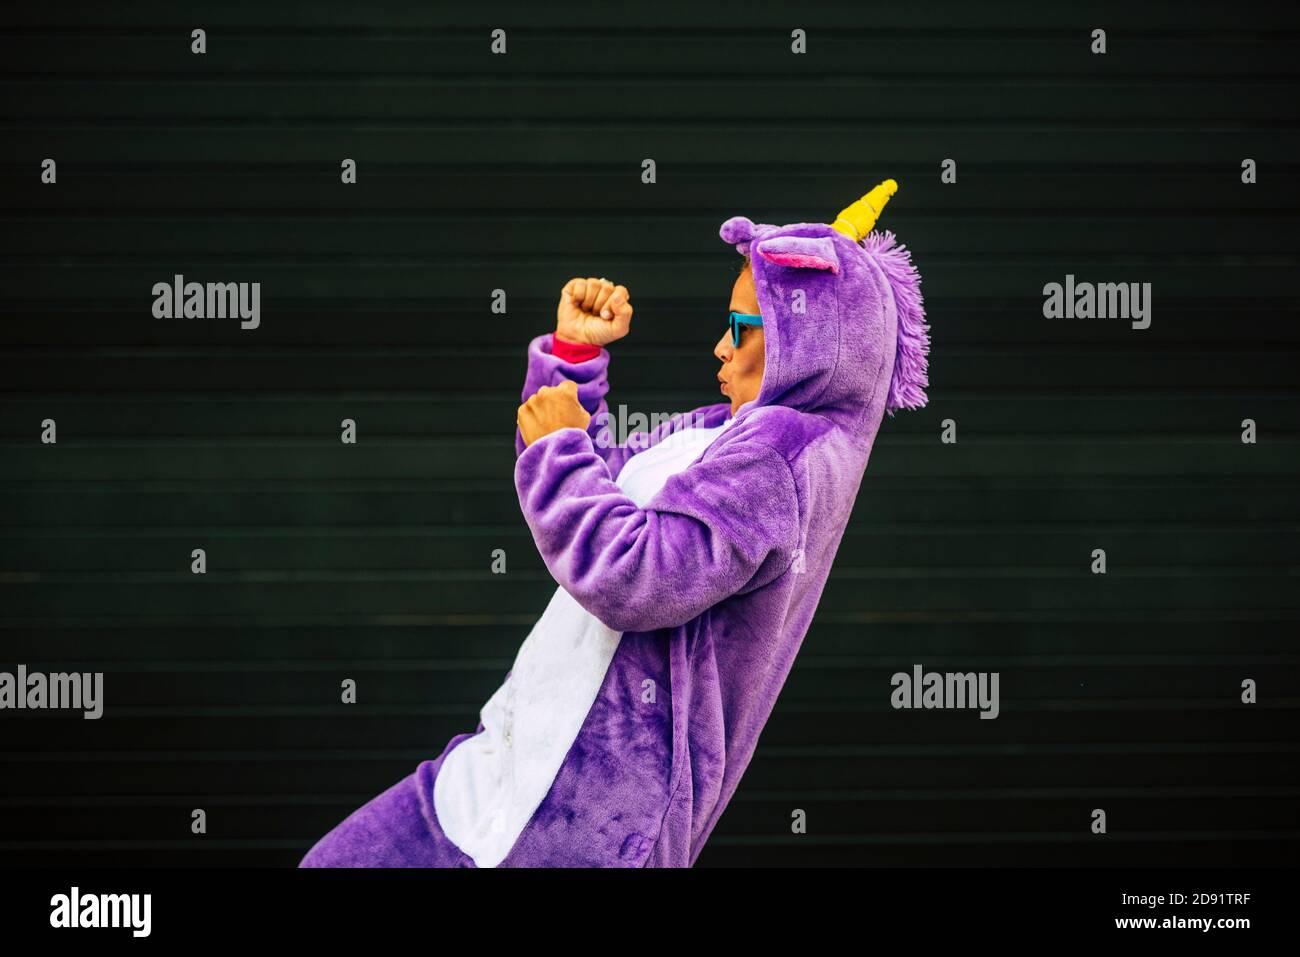 Loco unicornio máscara de baile con gente divertida - alegre feliz mujer bailando con vestido de carnaval con pared negra en el fondo - Diversión y felicidad conceps Foto de stock